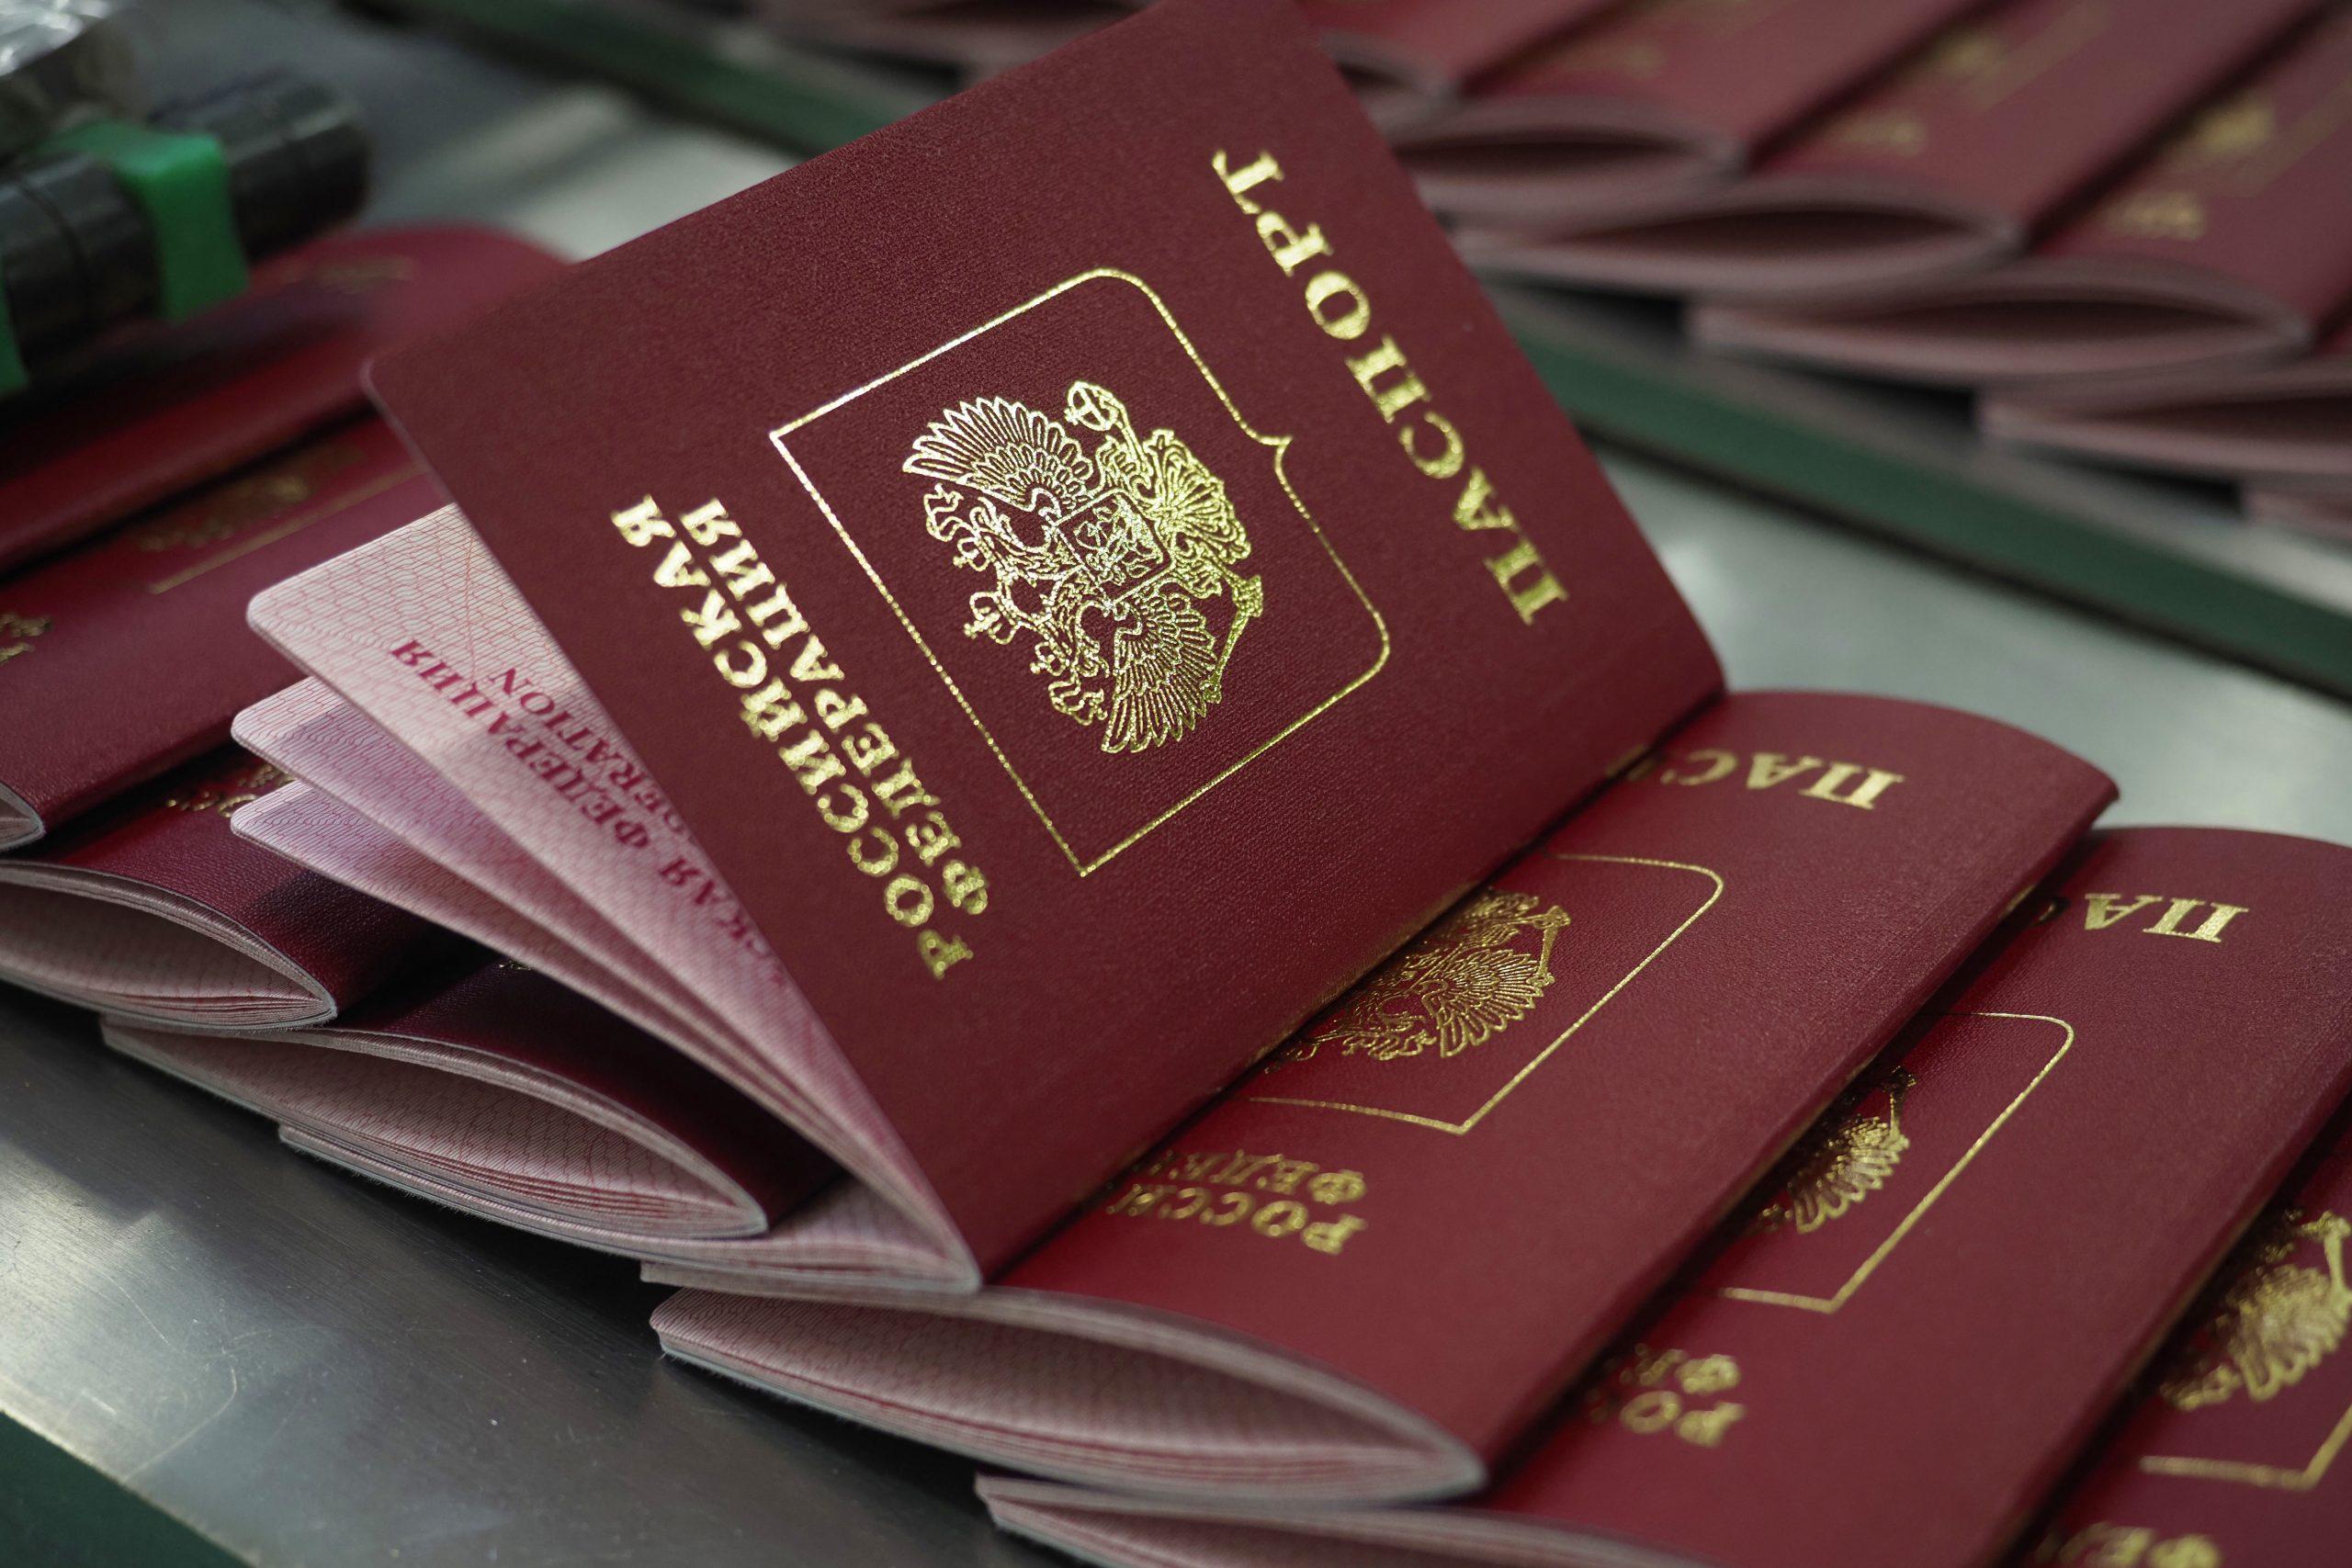 Москвичи получили тысячу загранпаспортов после посещения криптокабин в центрах госуслуг